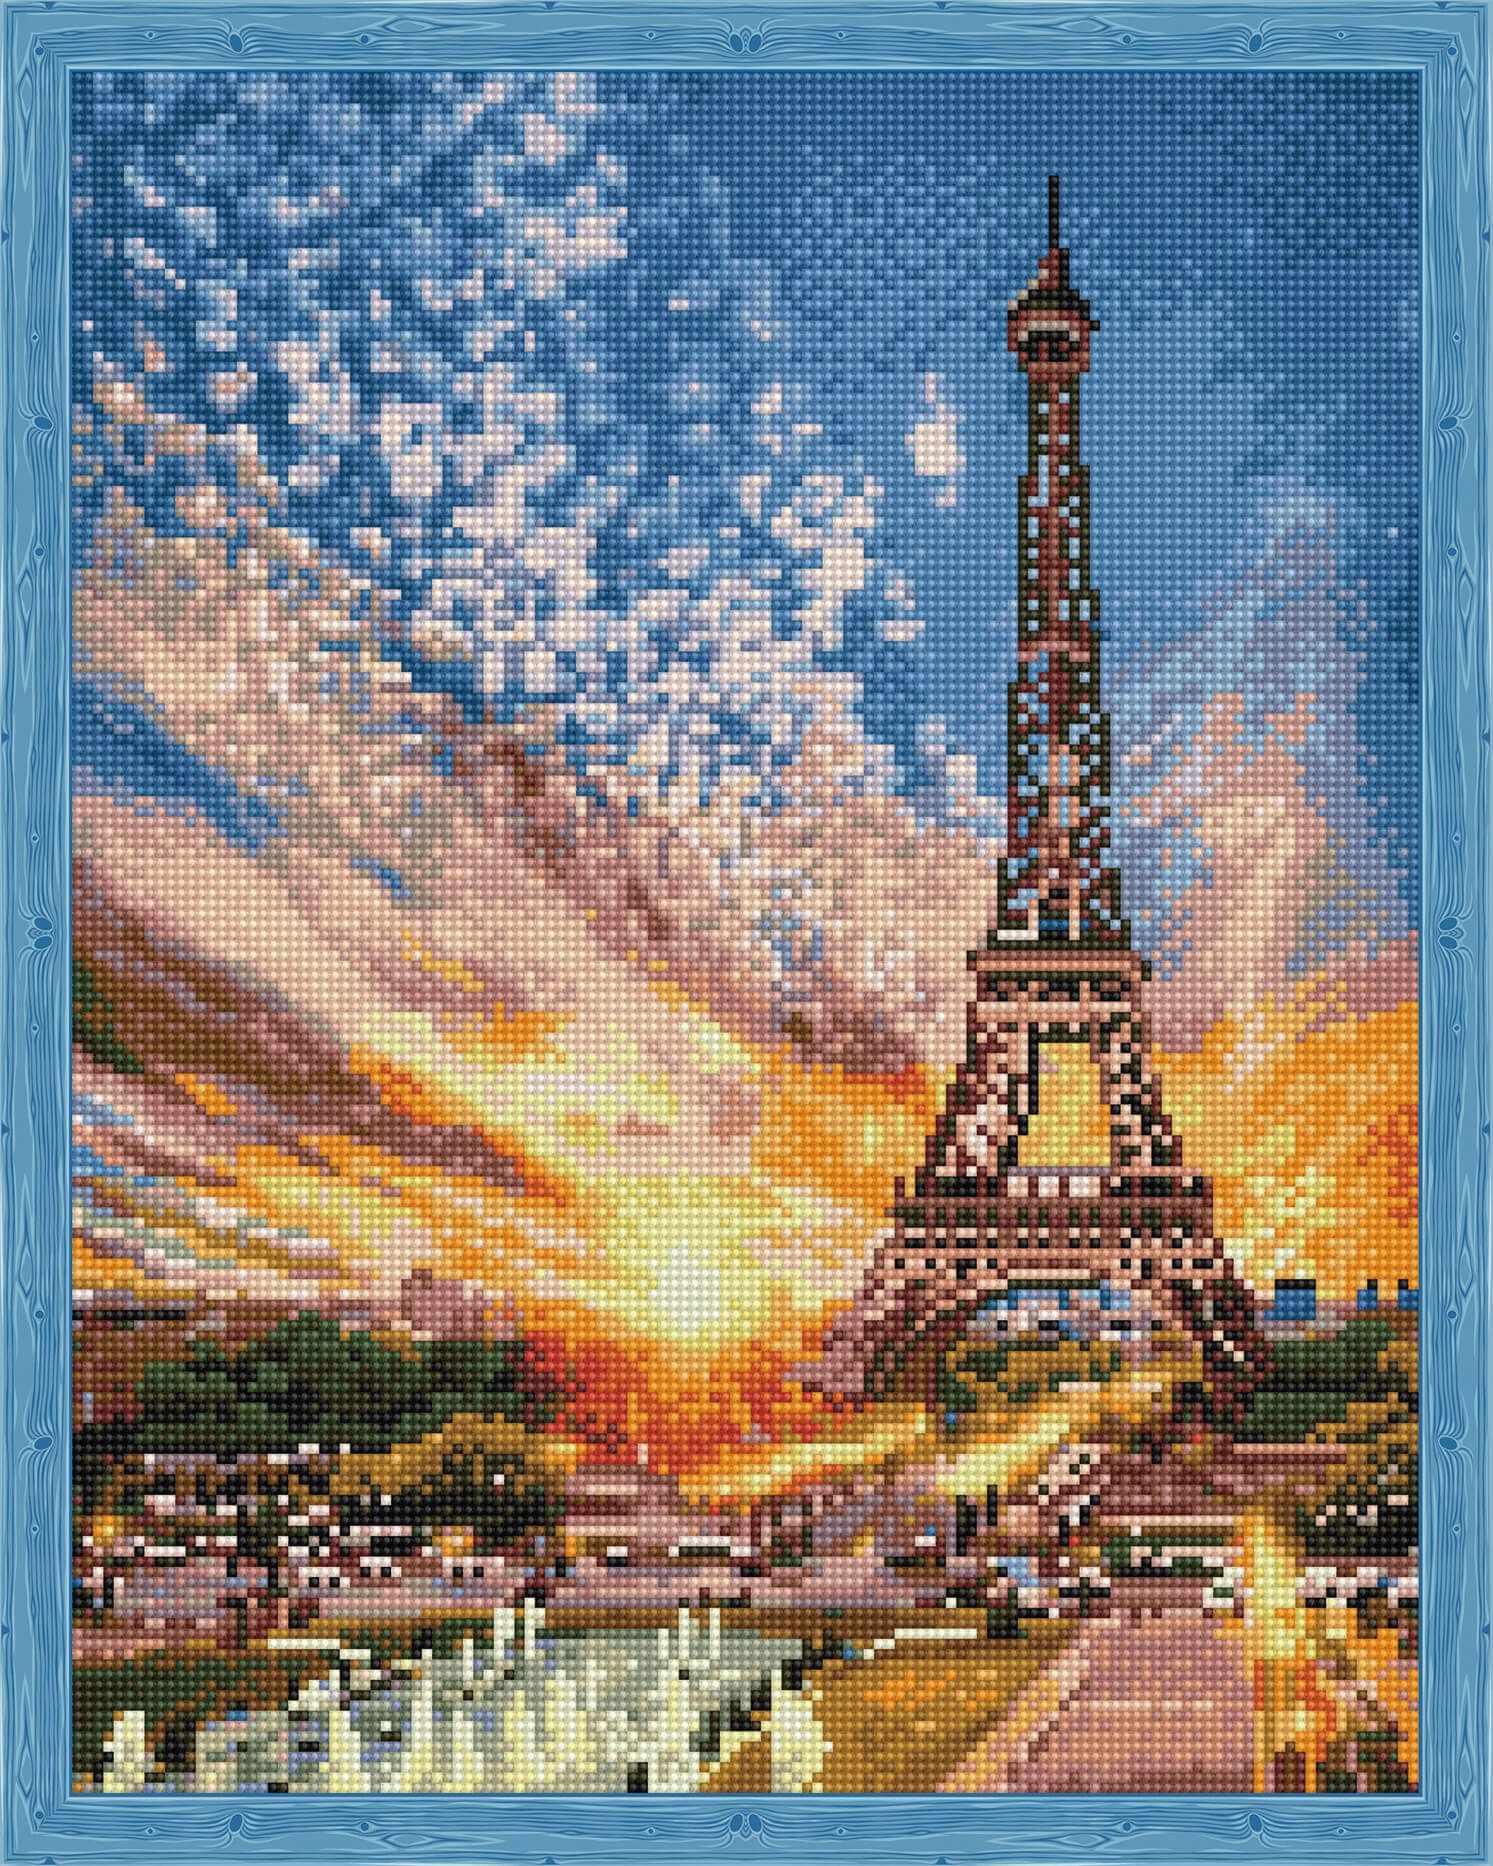 Алмазная вышивка QA202805 «Эйфелева башня на закате»